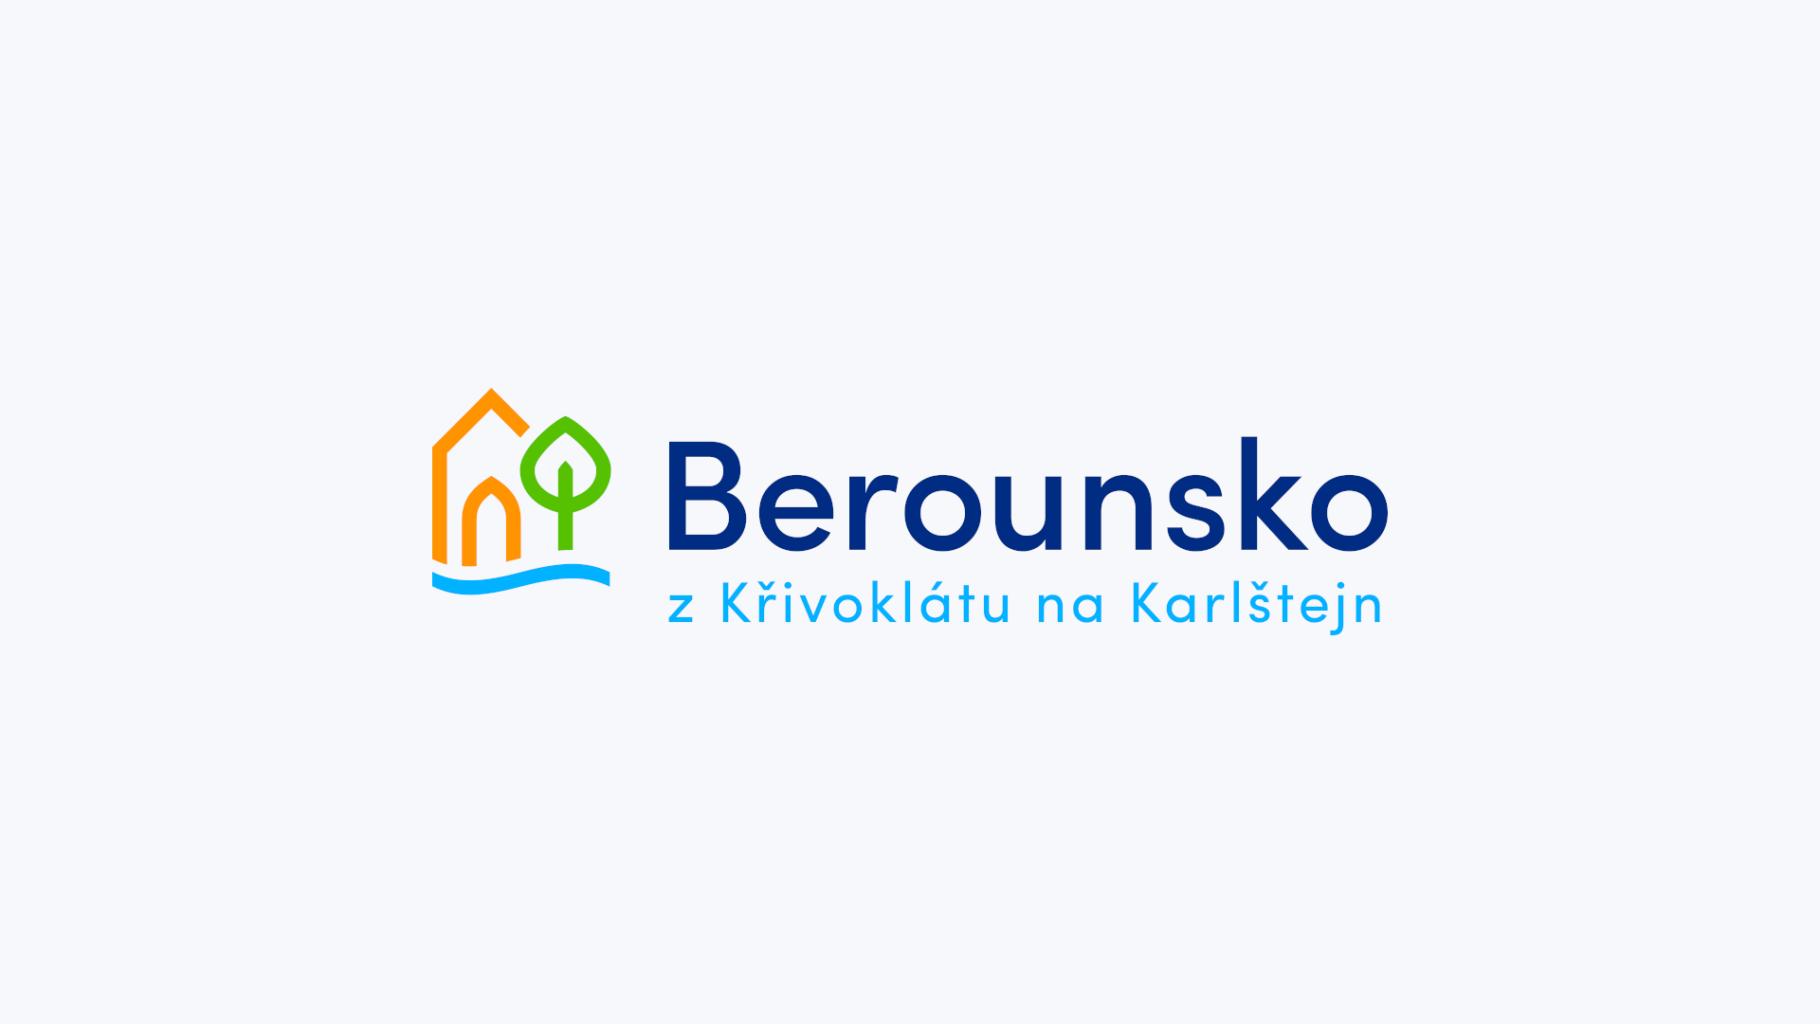 Berounsko_logo_text_nahled